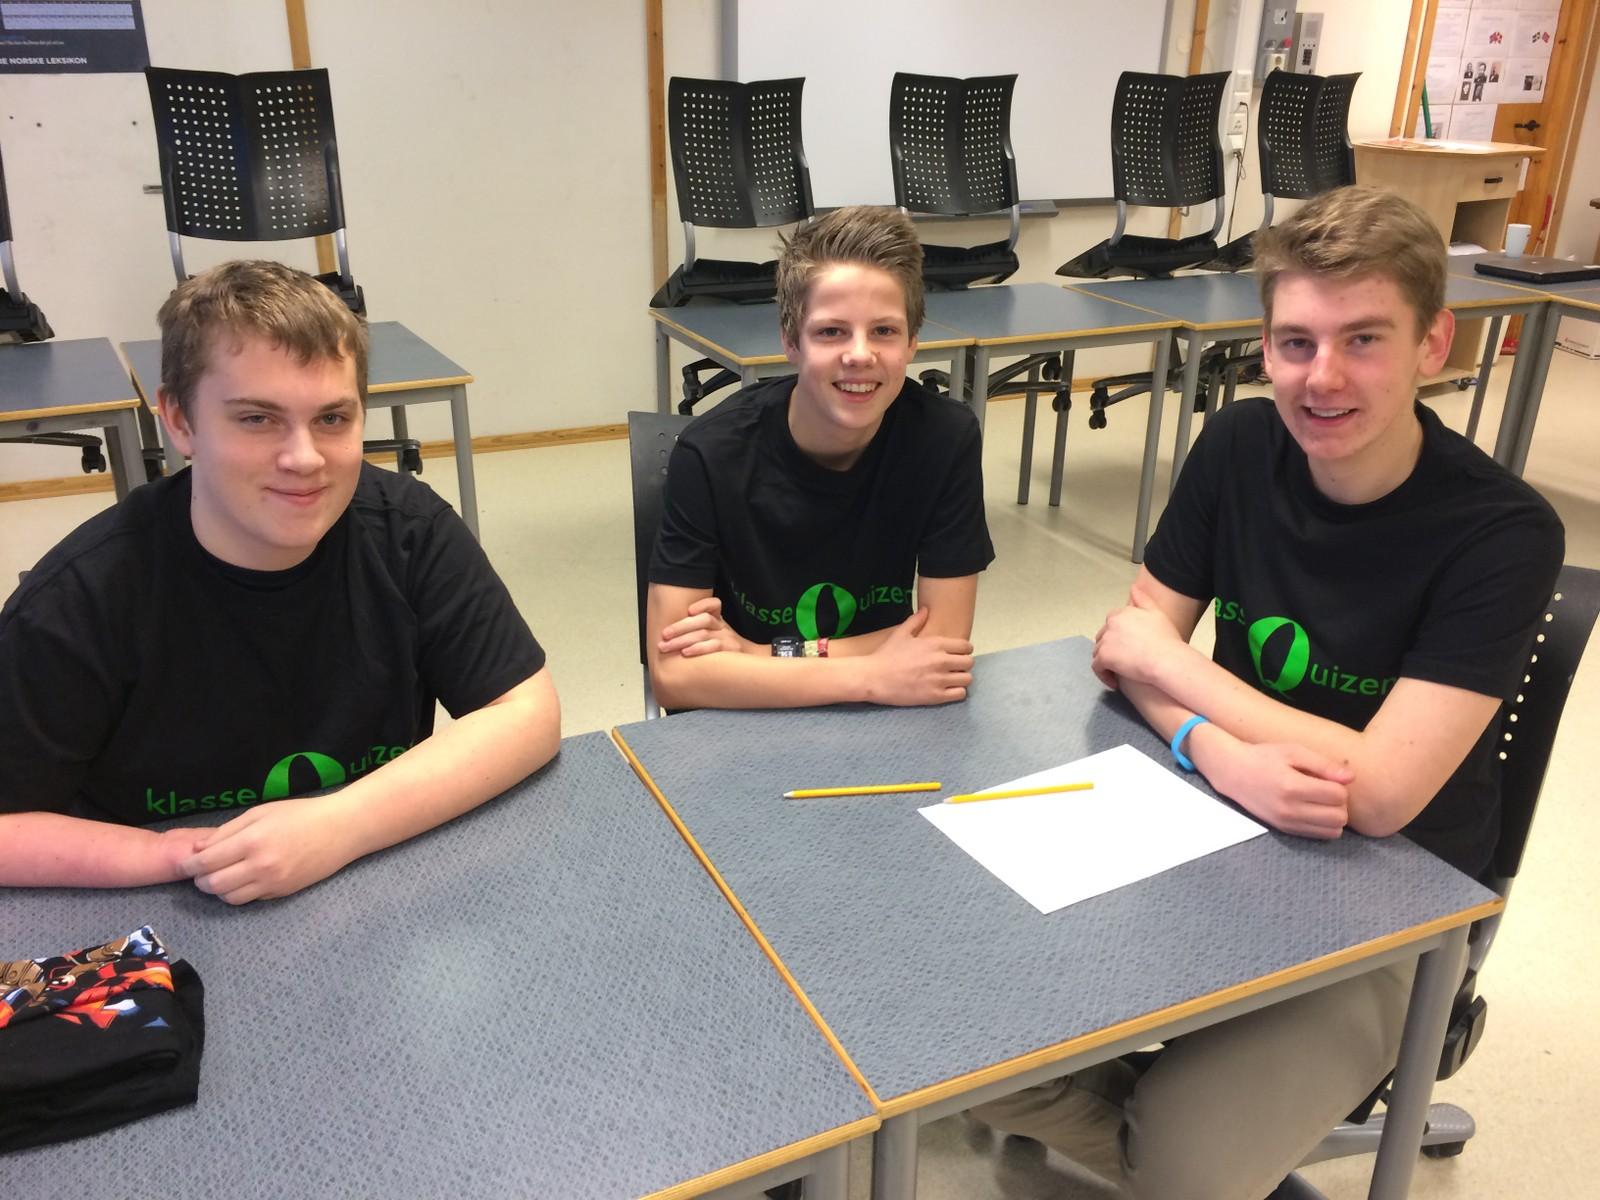 Vegard Sørholt Grostad, Ole Andreas Grøtte Børnes og Adrian Melby Bekken fra Hoeggen skole.